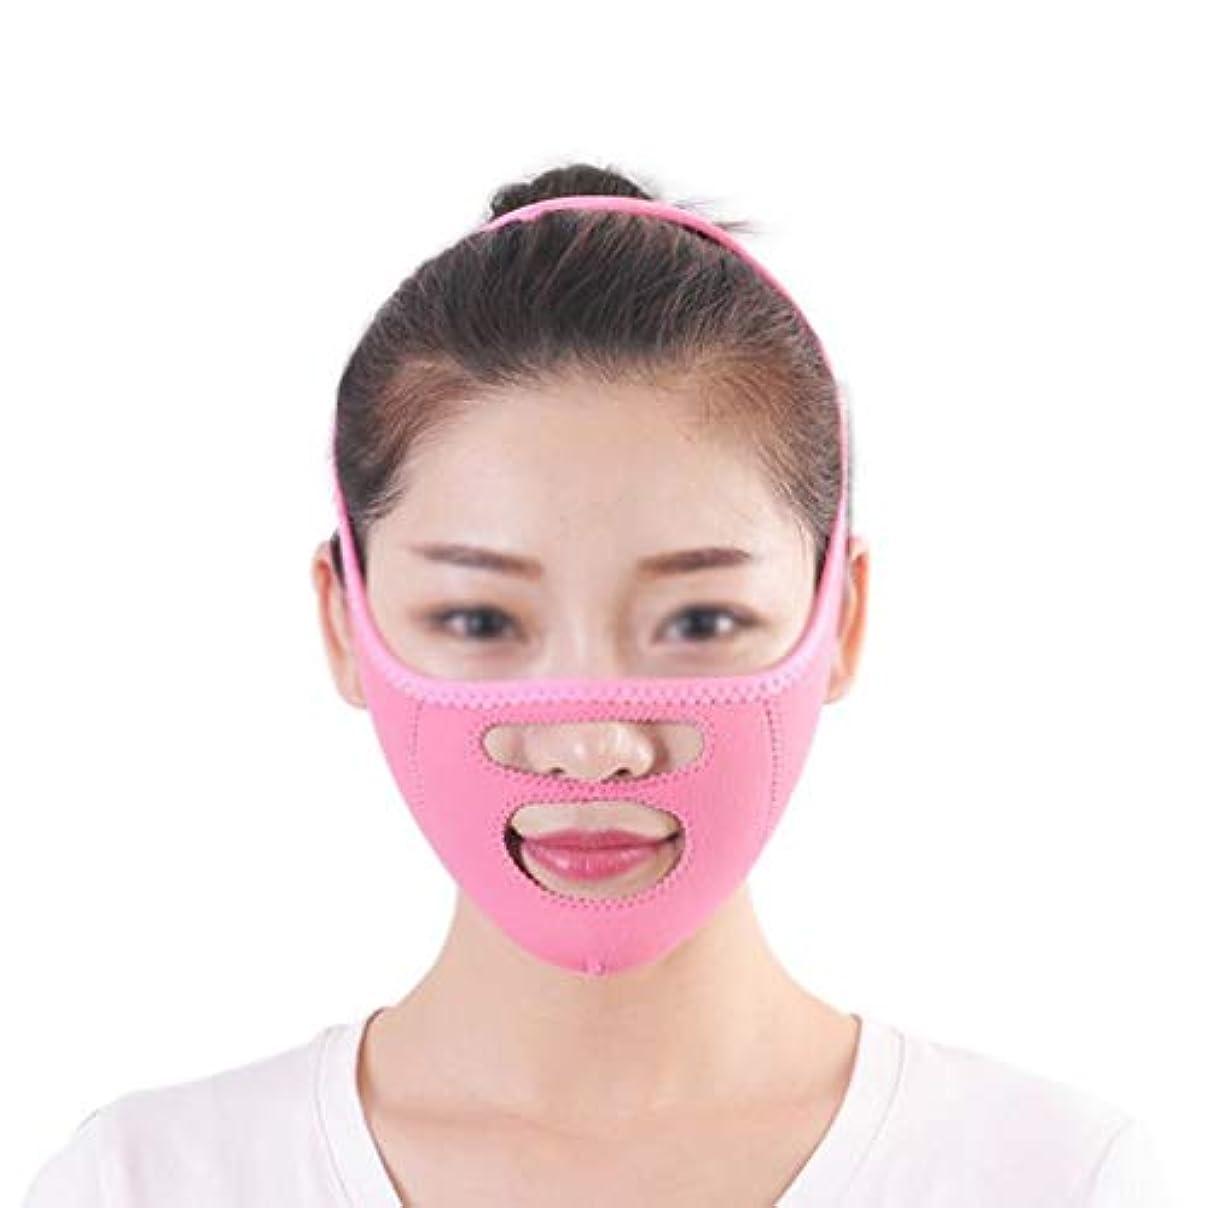 乗り出すギャップ国民ZWBD フェイスマスク, 薄い顔のアーティファクト包帯Vの顔薄い咬筋補正Vの顔のアーティファクトを整形して、身体の健康の引き締めを改善する